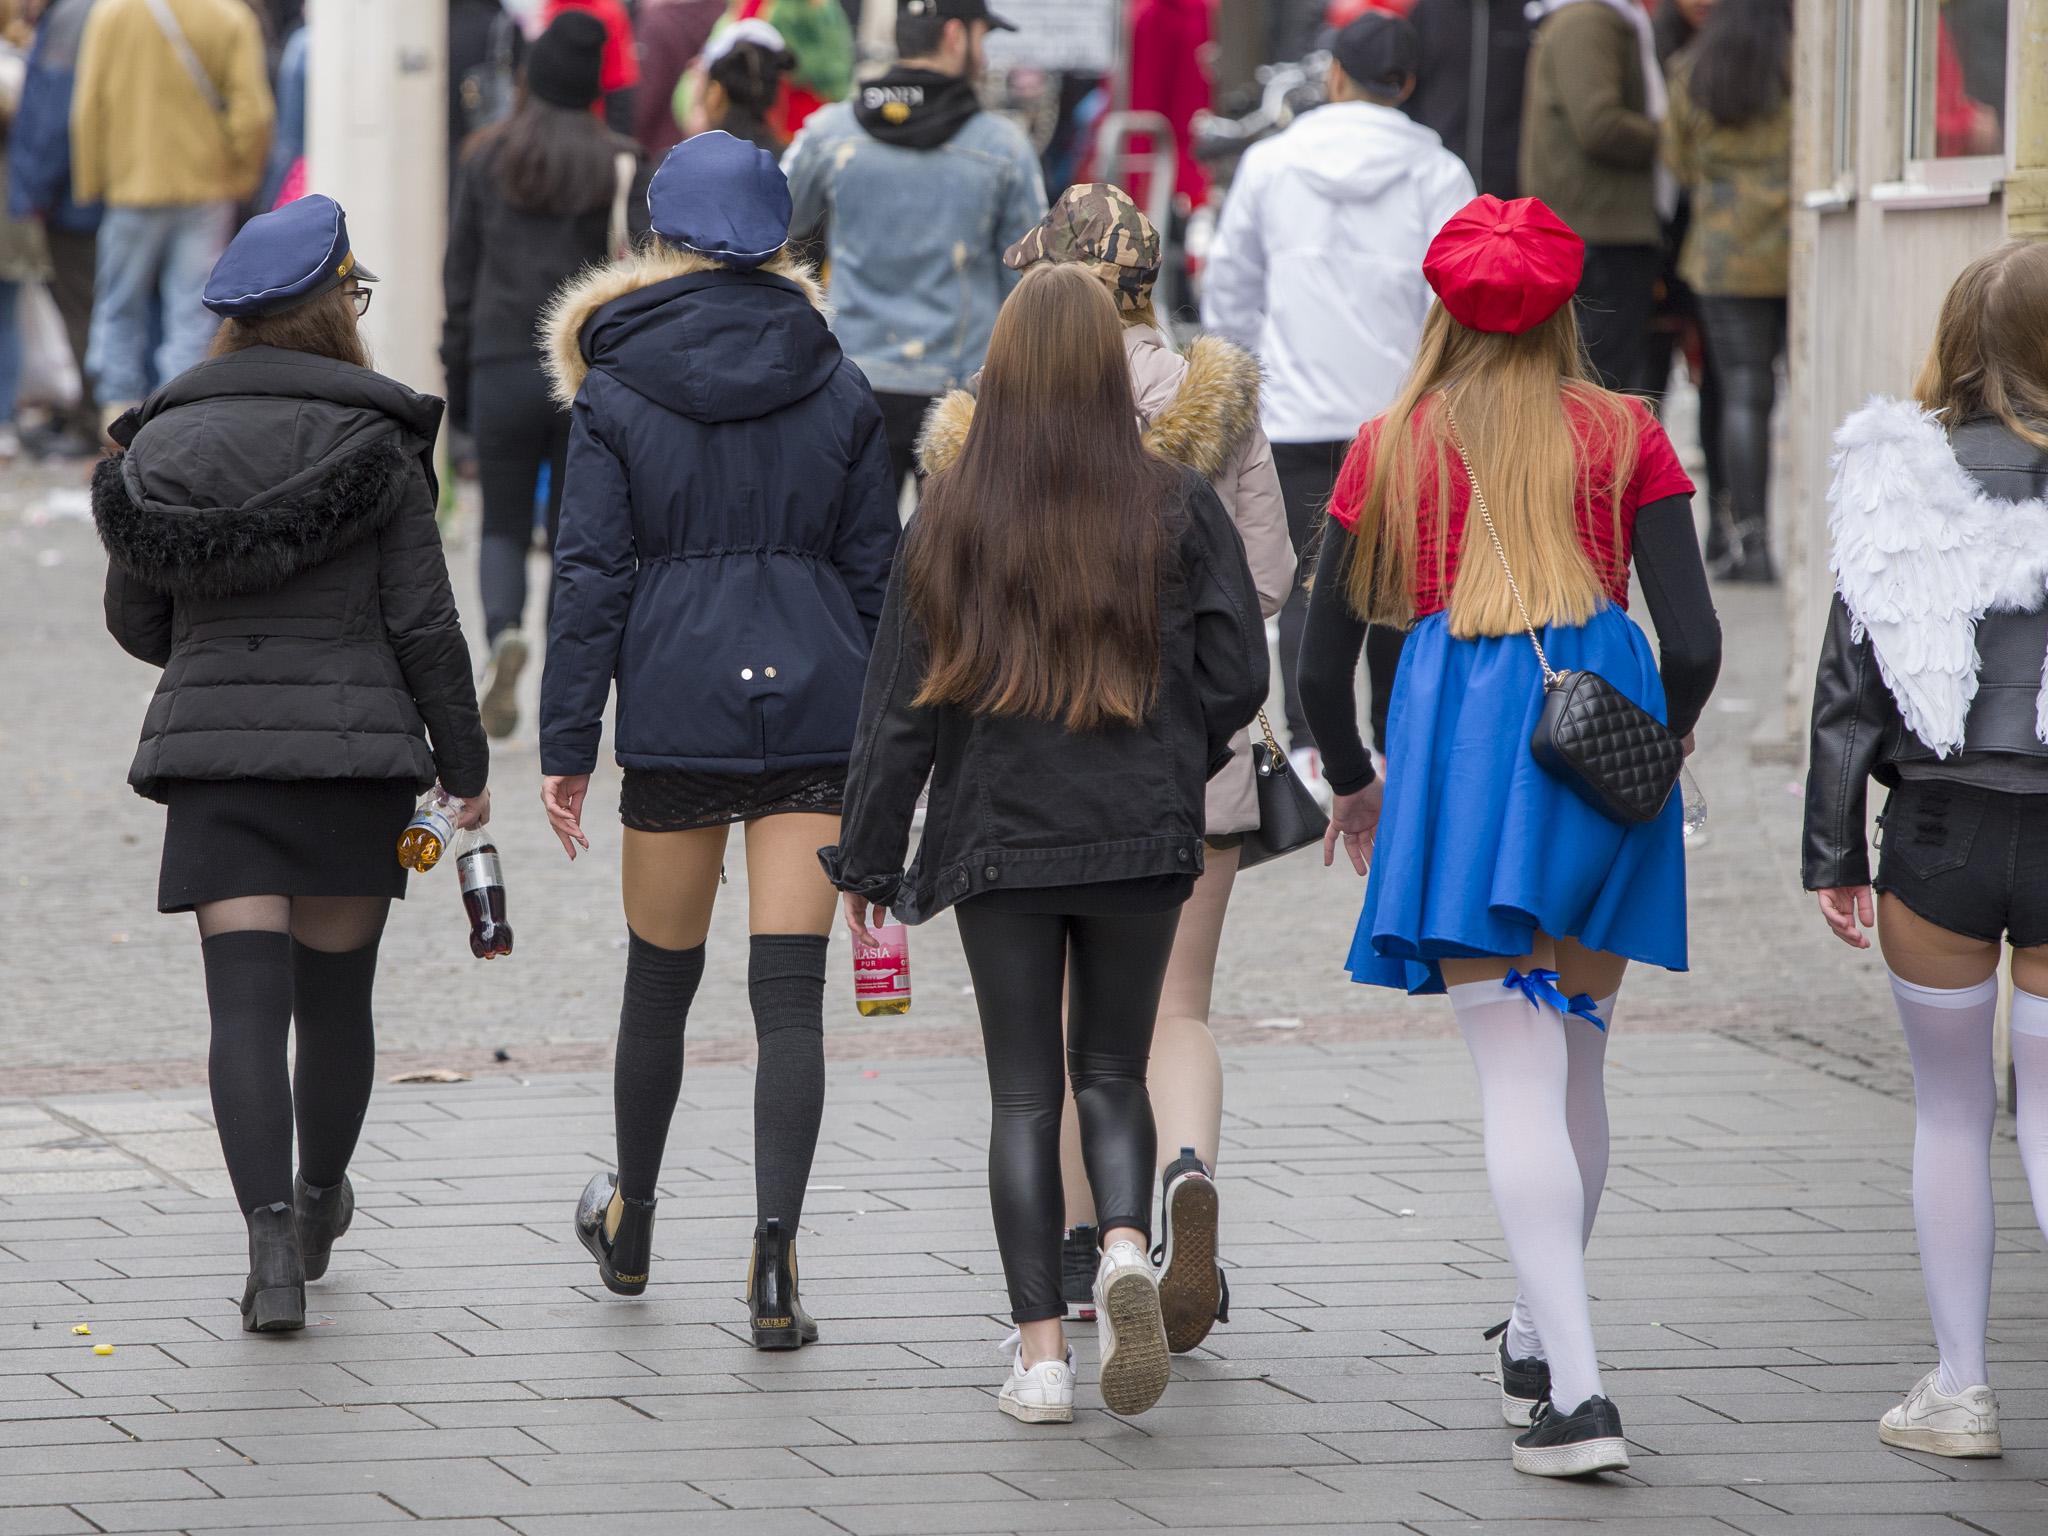 Mehrere Jugendliche im Alter von 14 bis 17 Jahren mussten alkoholisiert in Gewahrsam genommen werden. Symbolfoto: Pascal Höfig